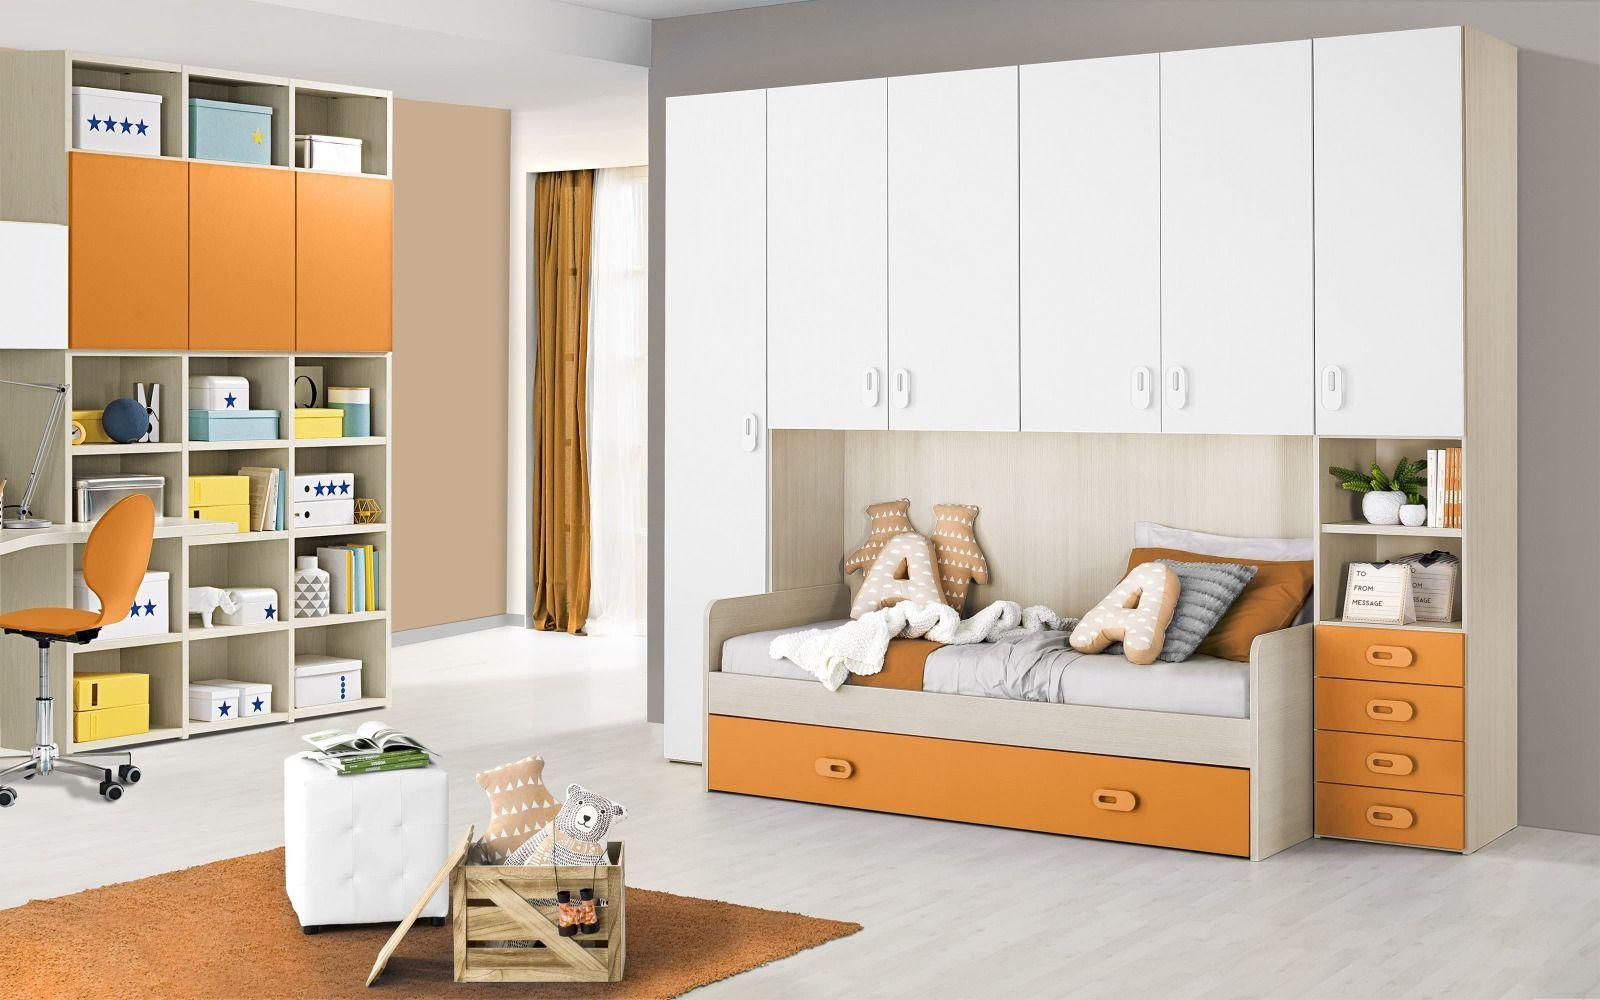 Pannelli Decorativi Per Camerette letto estraibile mondo convenienza